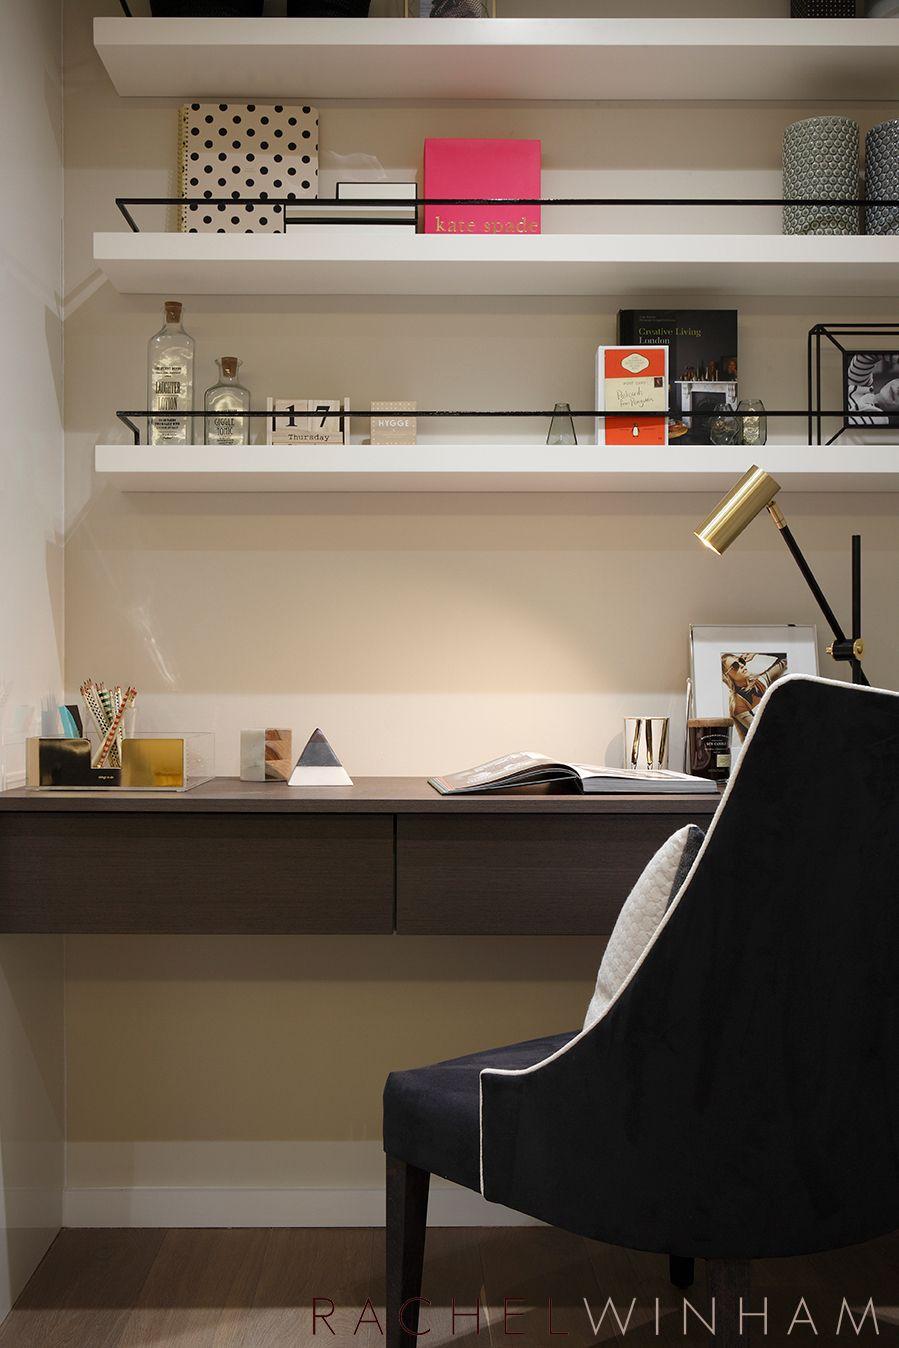 Study Room Interior Design: Rachel Winham Interior Design